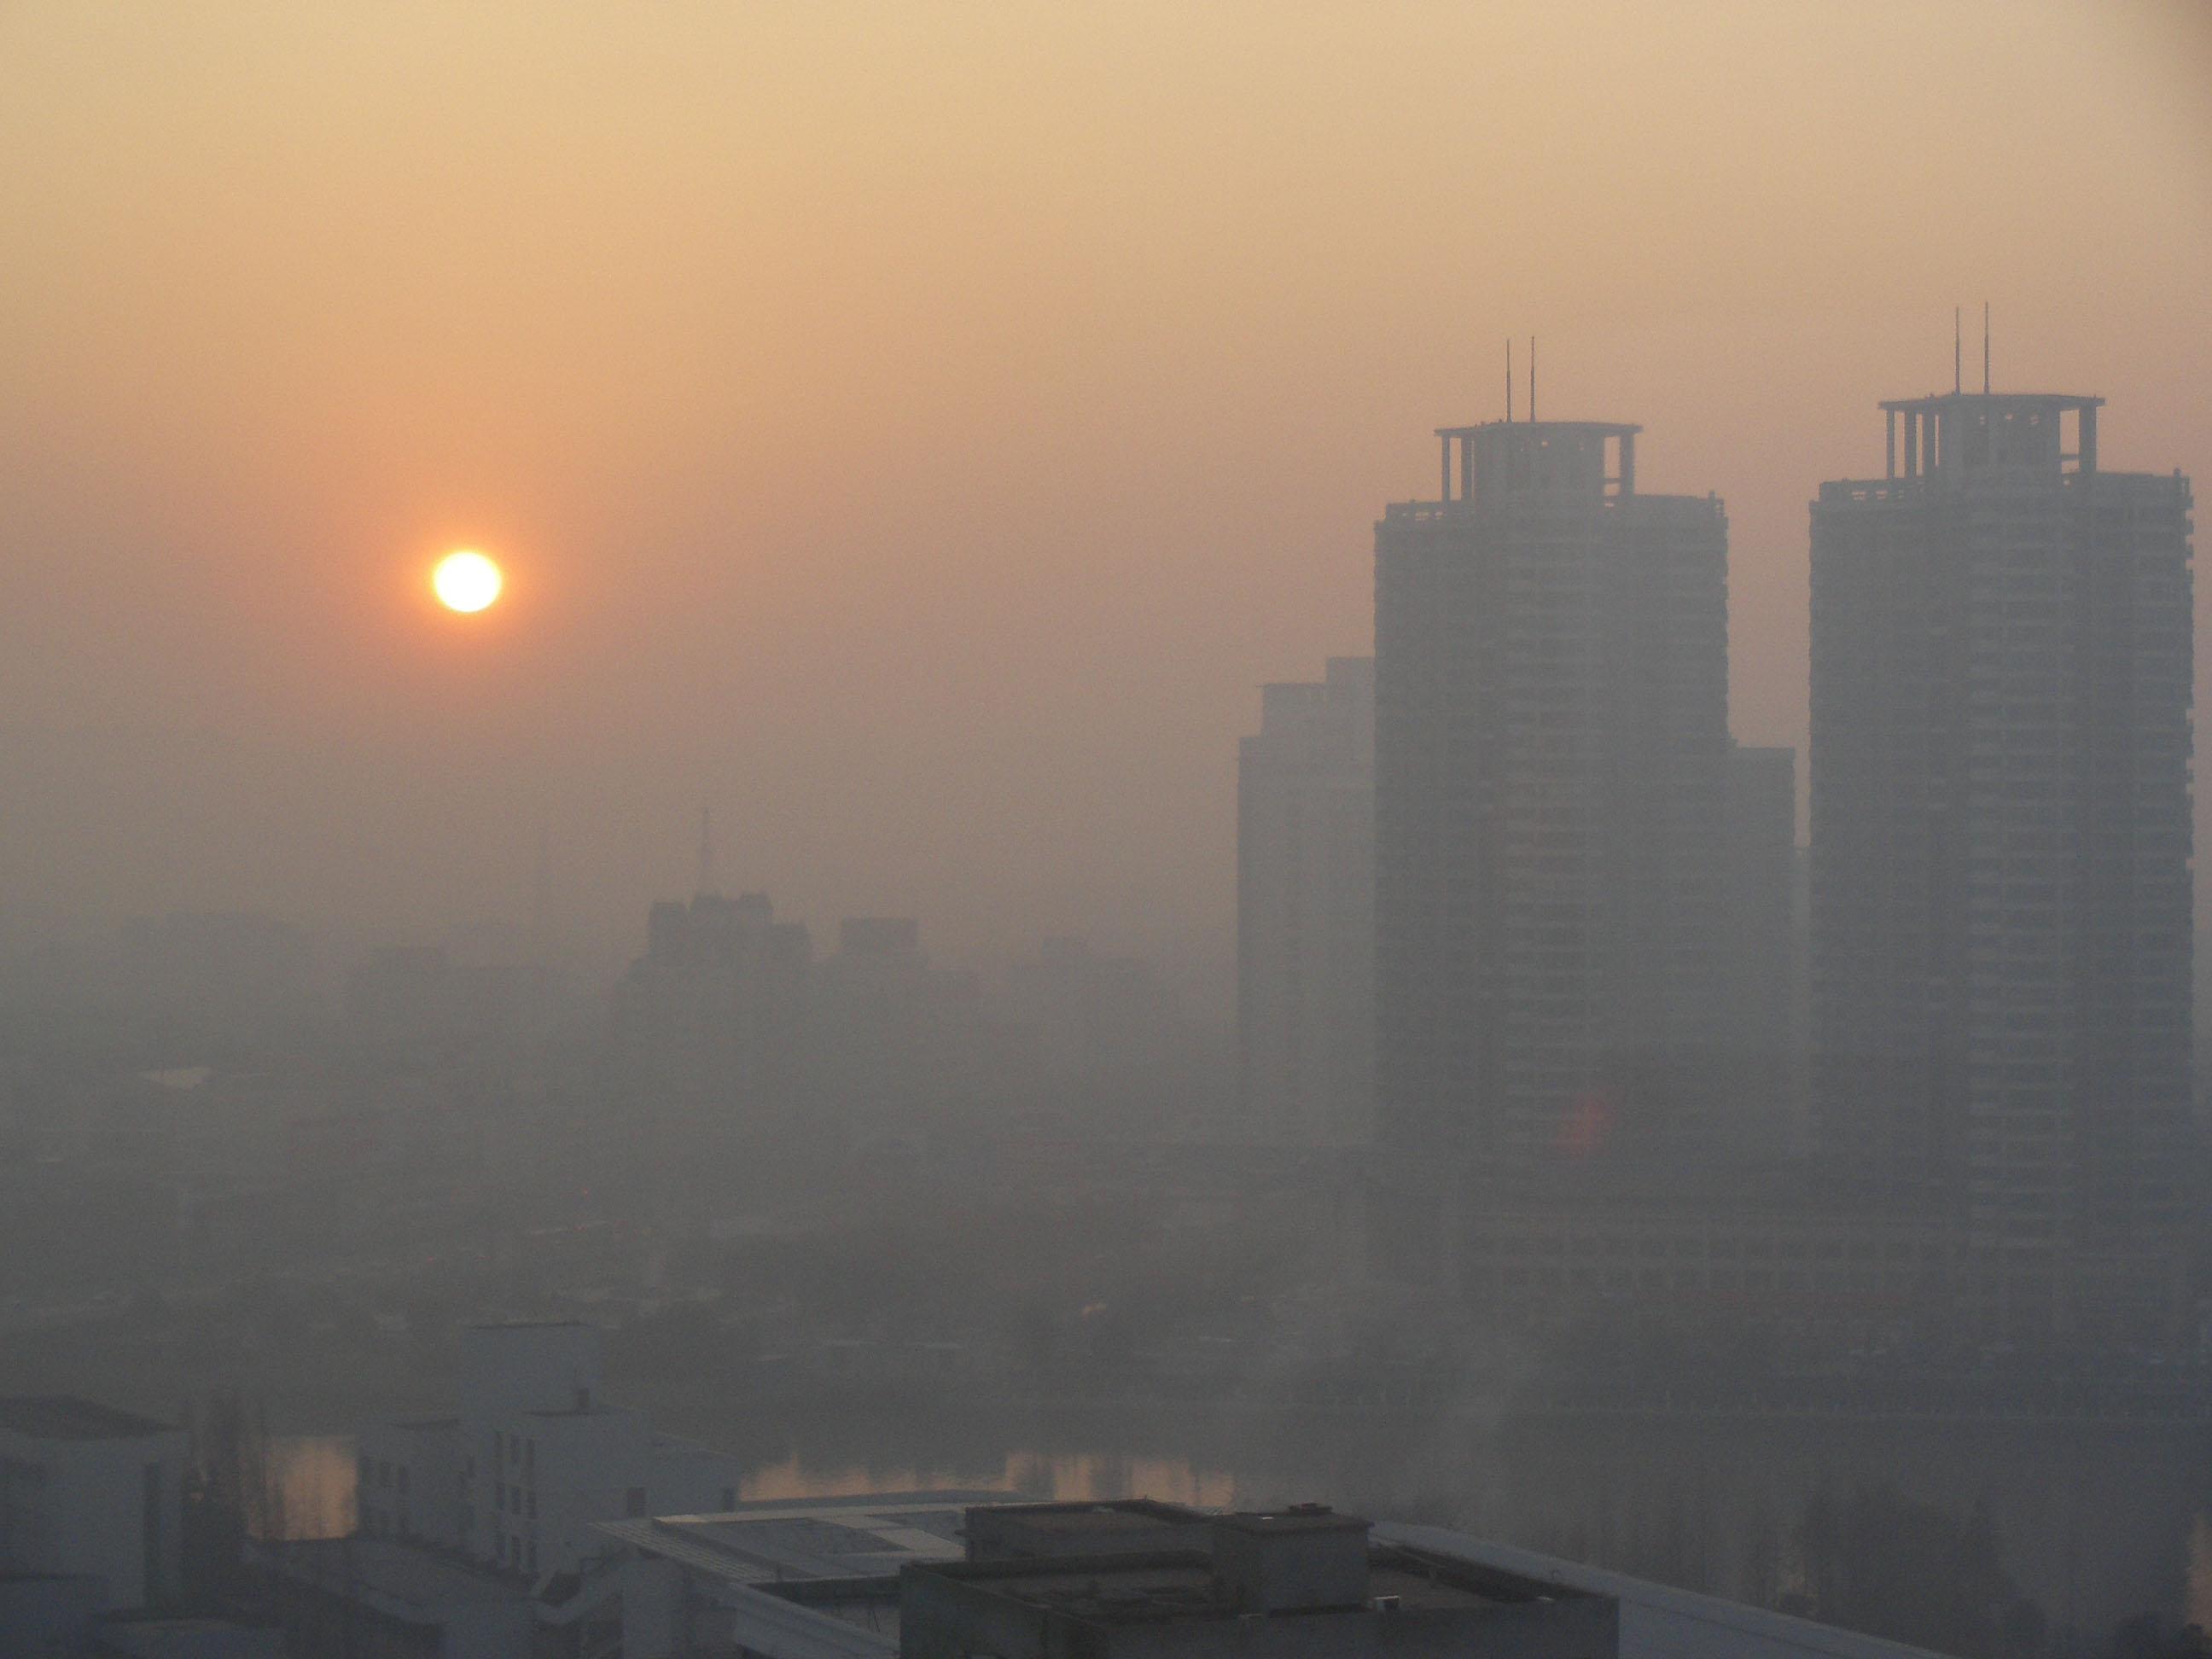 آلودگی هوای تهران در 16 بهمن